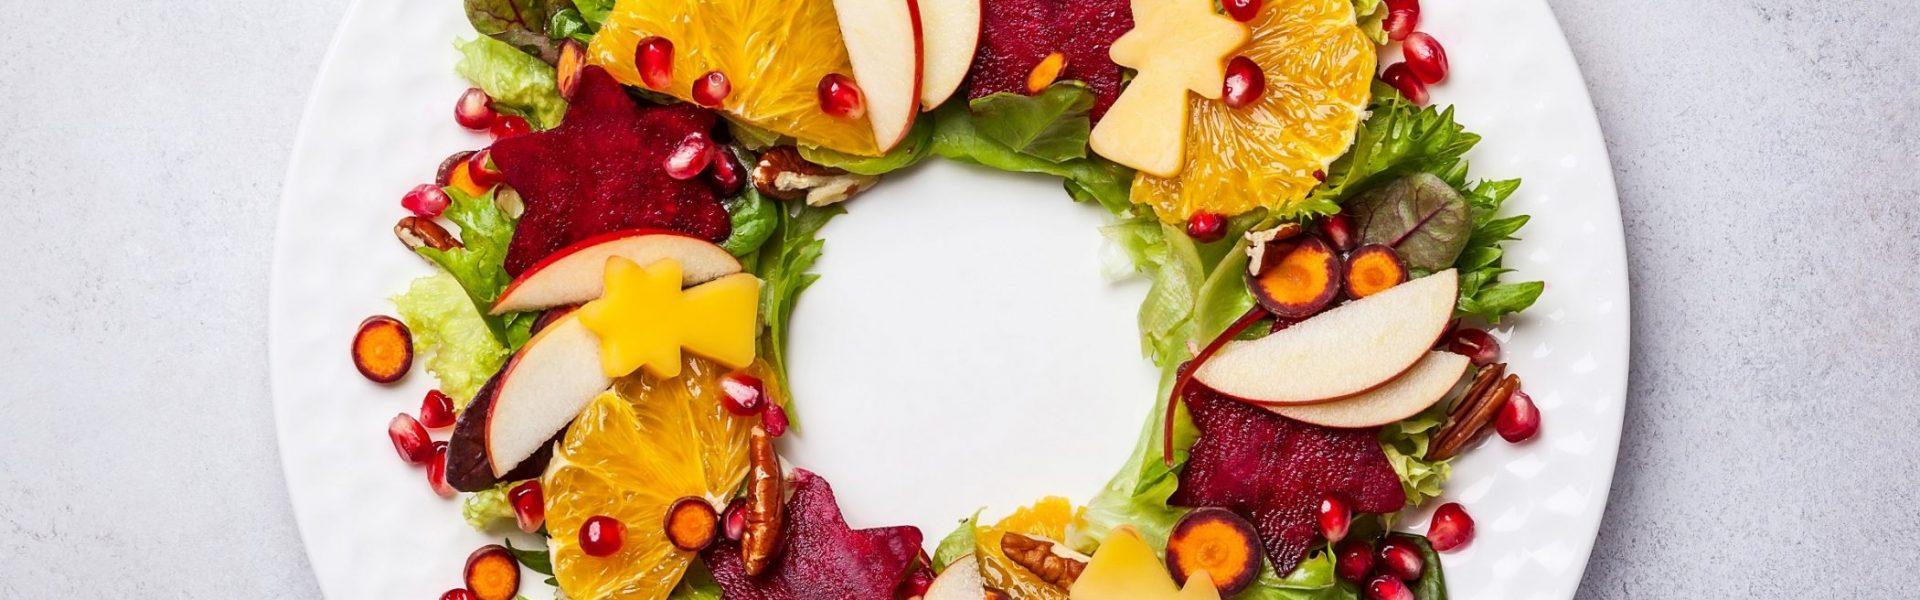 Vianočné ovocné šaláty